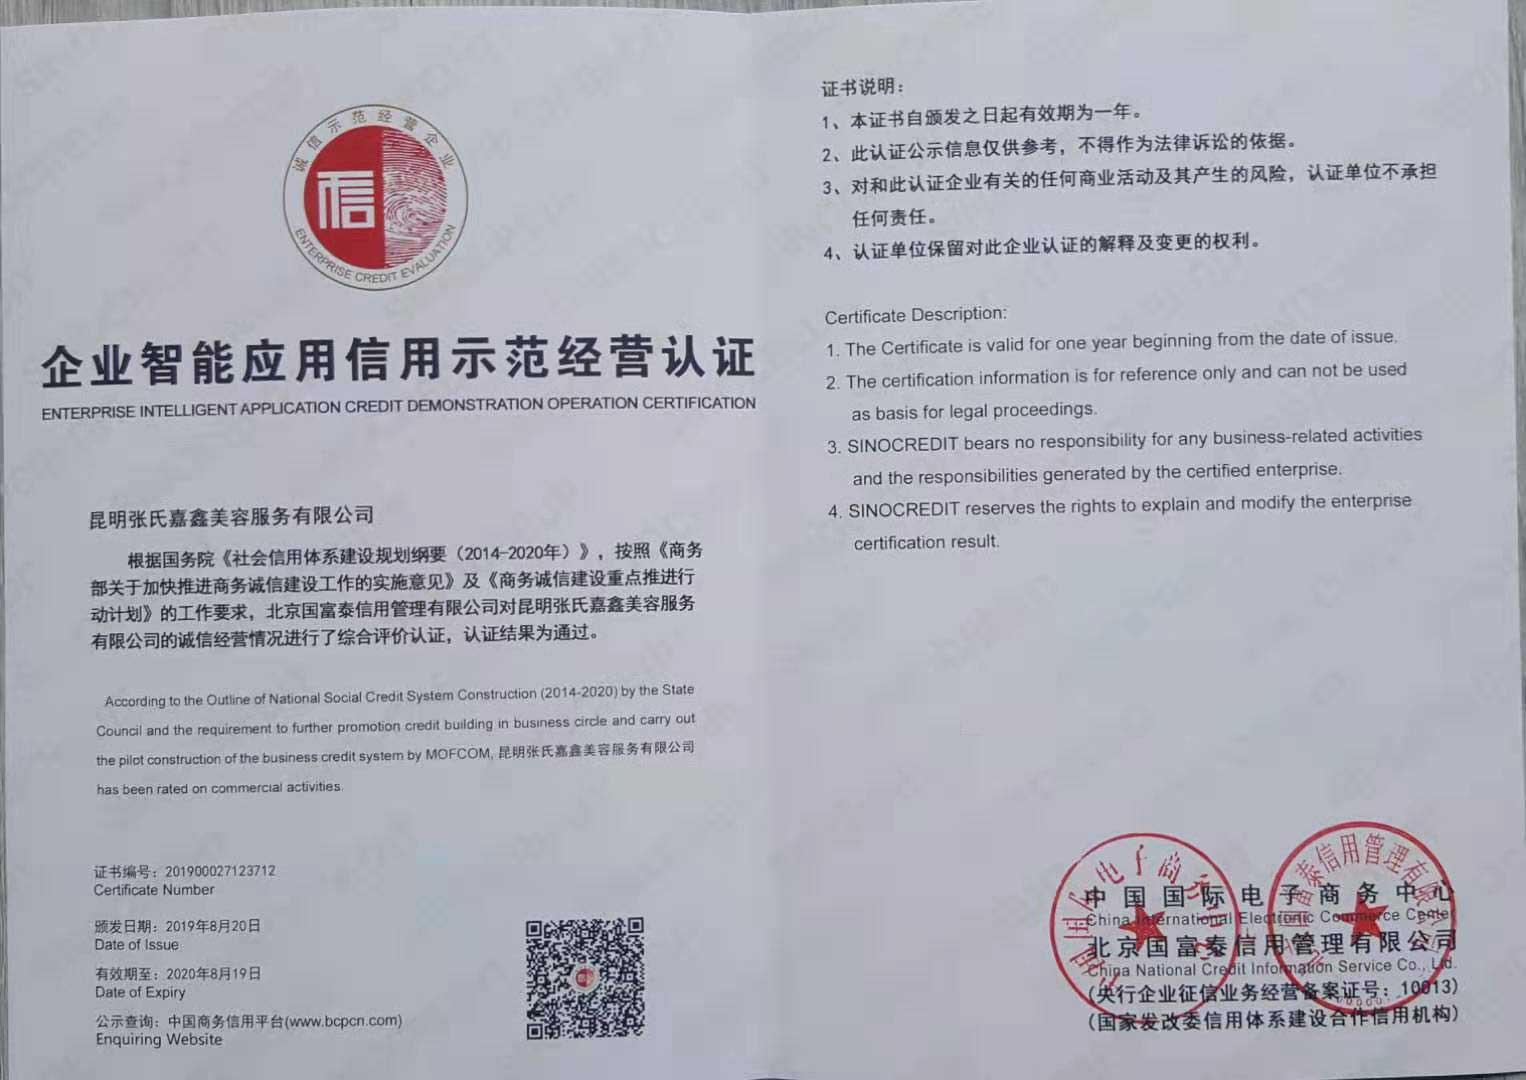 致柔修护霜多少钱 欢迎咨询「昆明张氏嘉鑫美容服务供应」